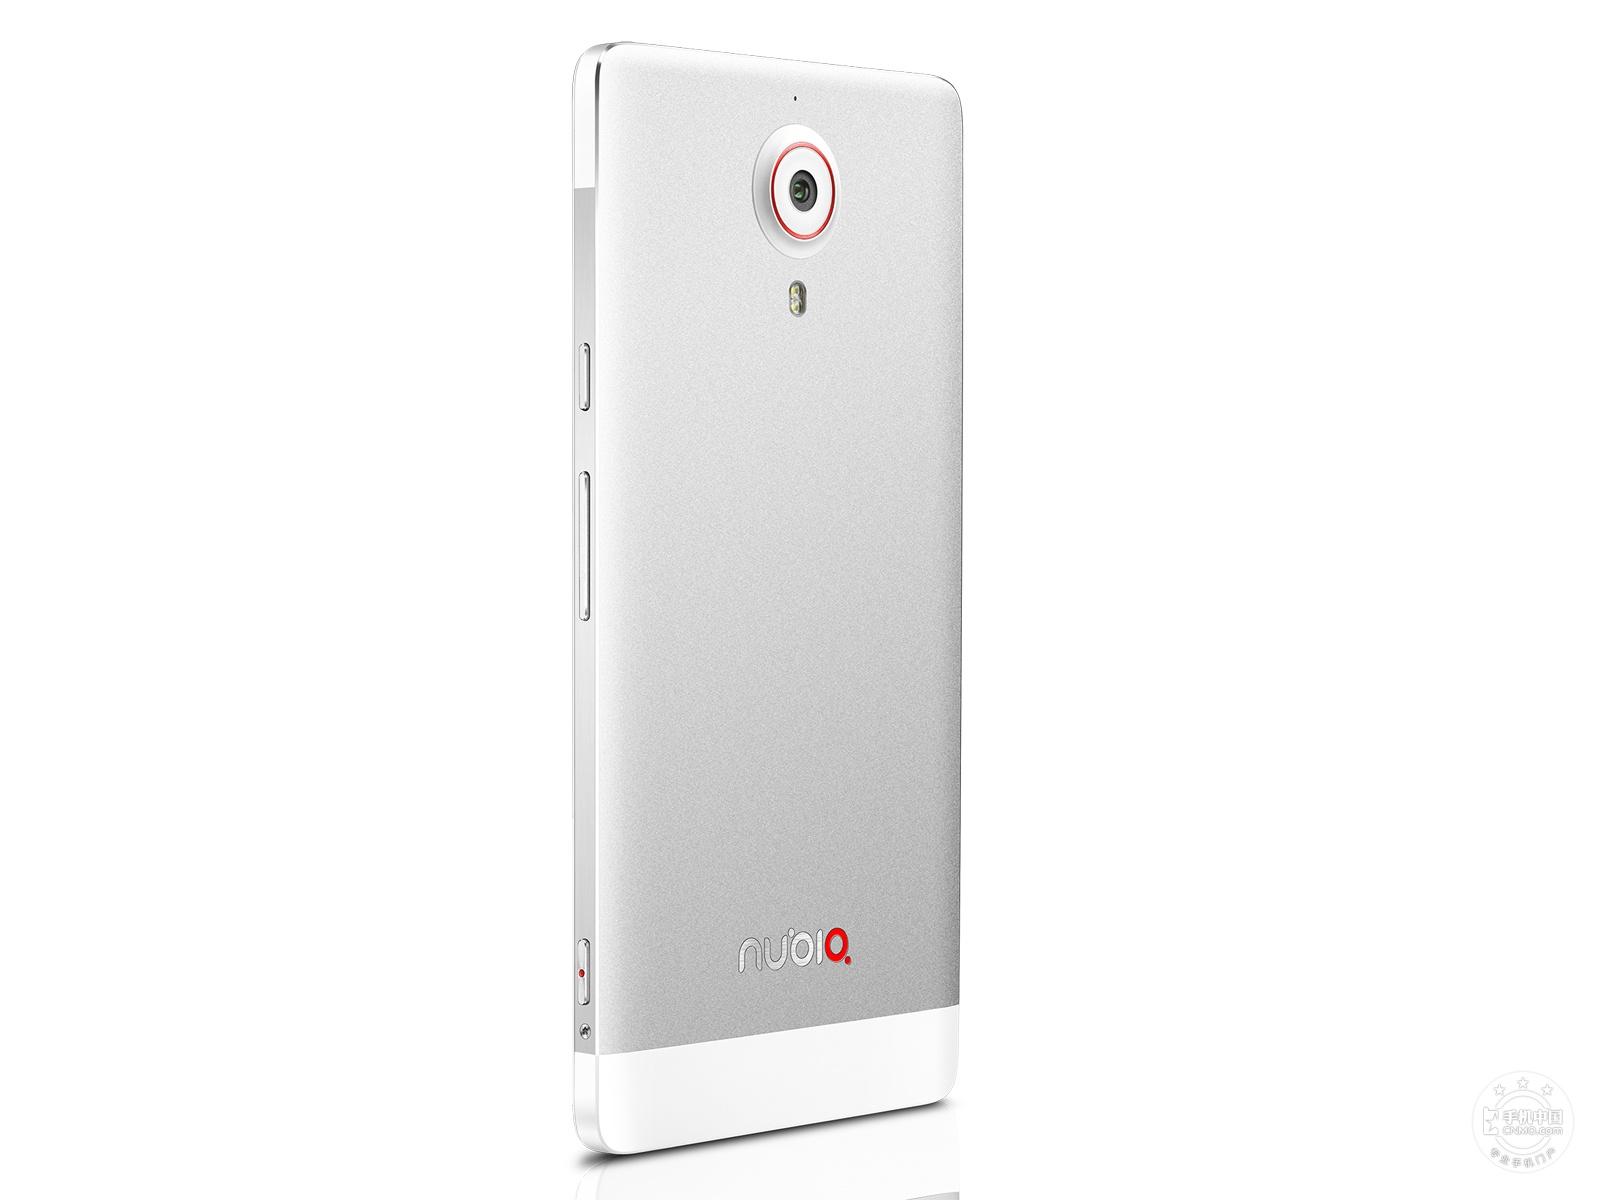 努比亚X6(128GB)产品本身外观第2张